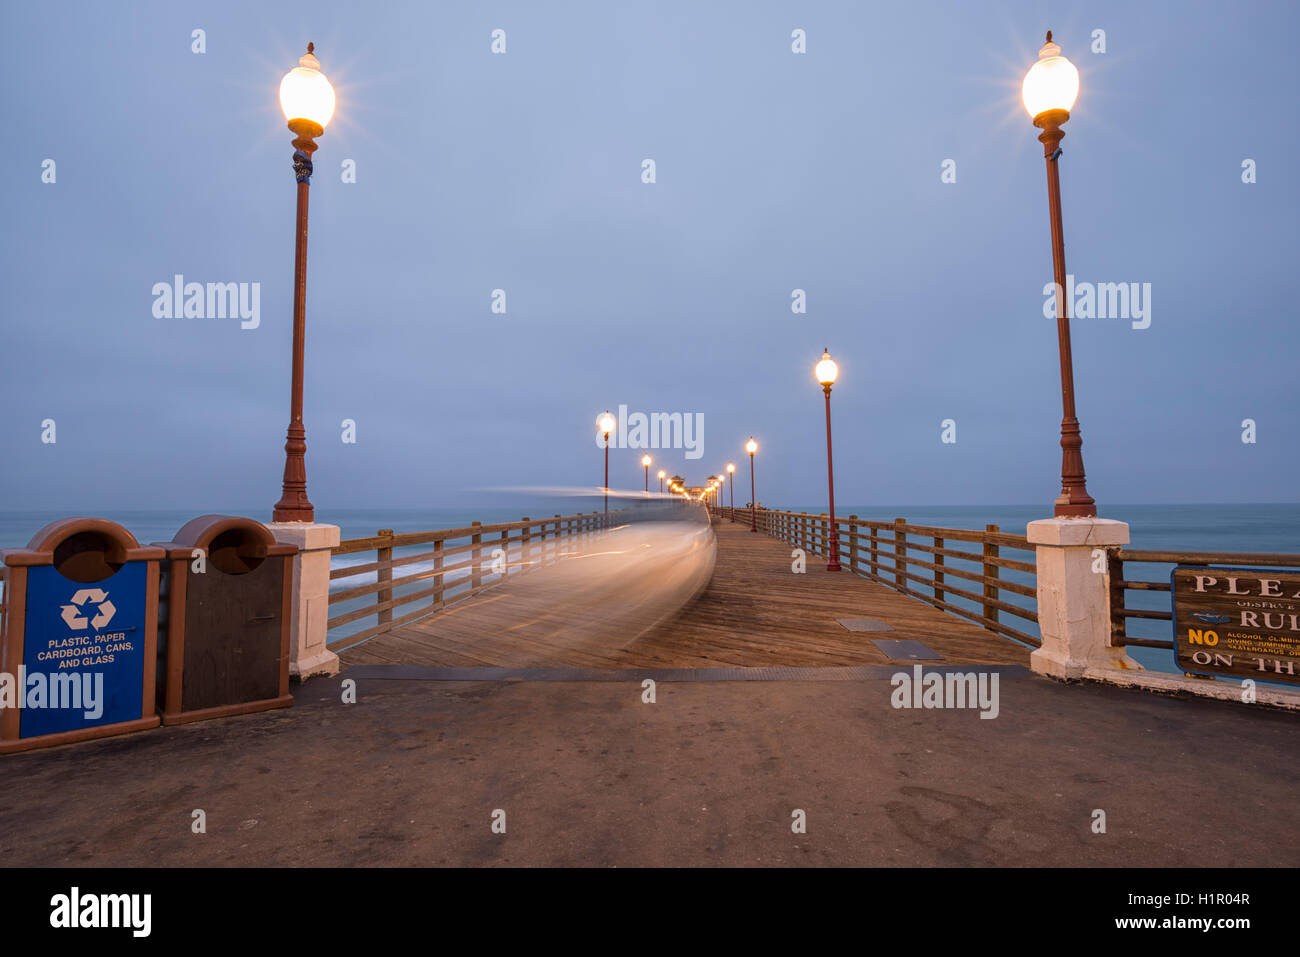 Oceanside Pier, motion blur, cloudy morning. Oceanside, California. - Stock Image